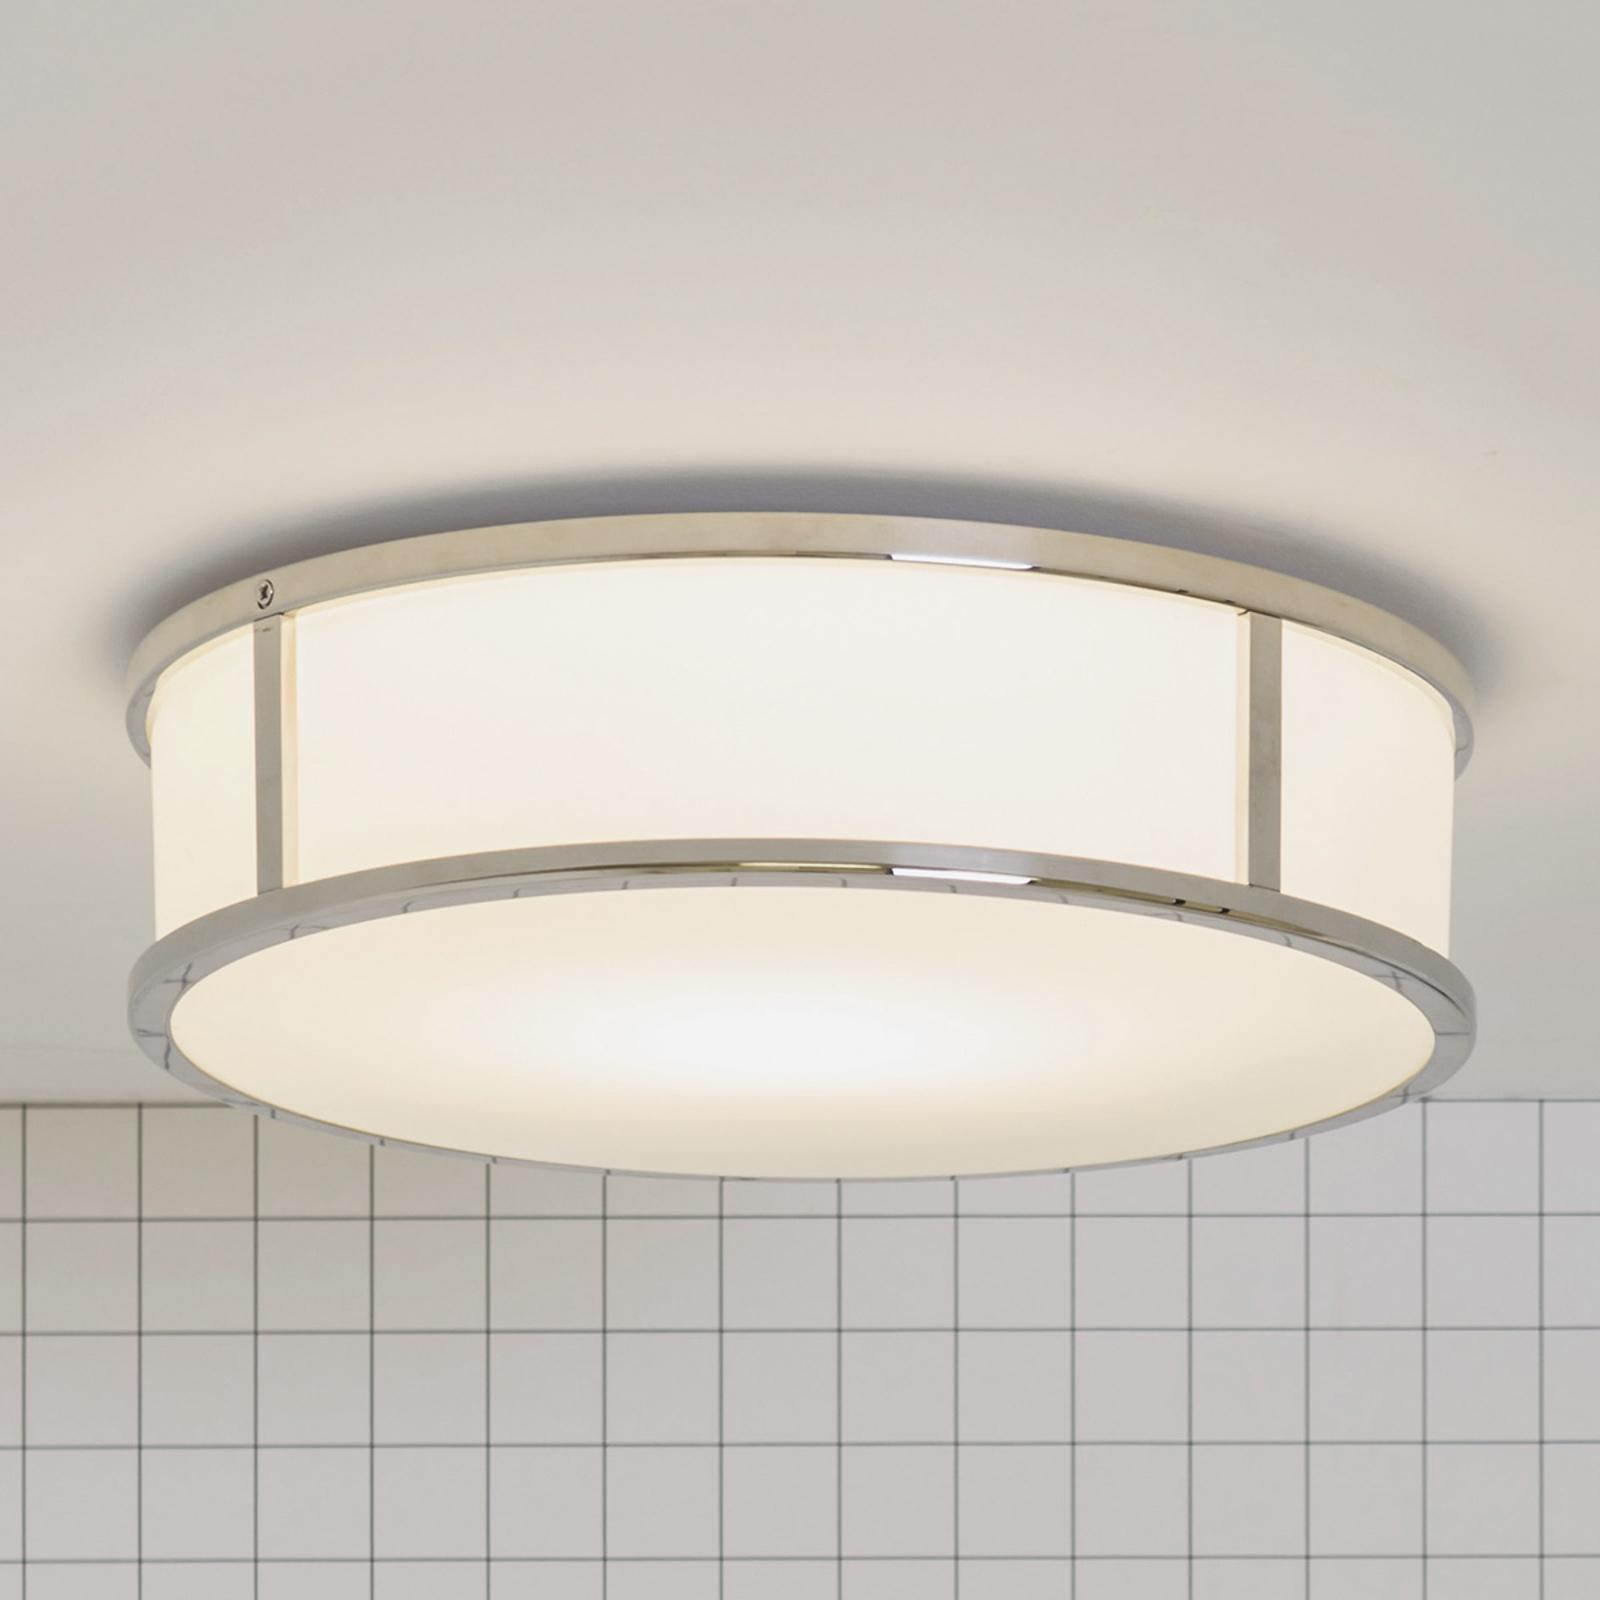 Astro Mashiko Round taklampe Ø 30 cm krom